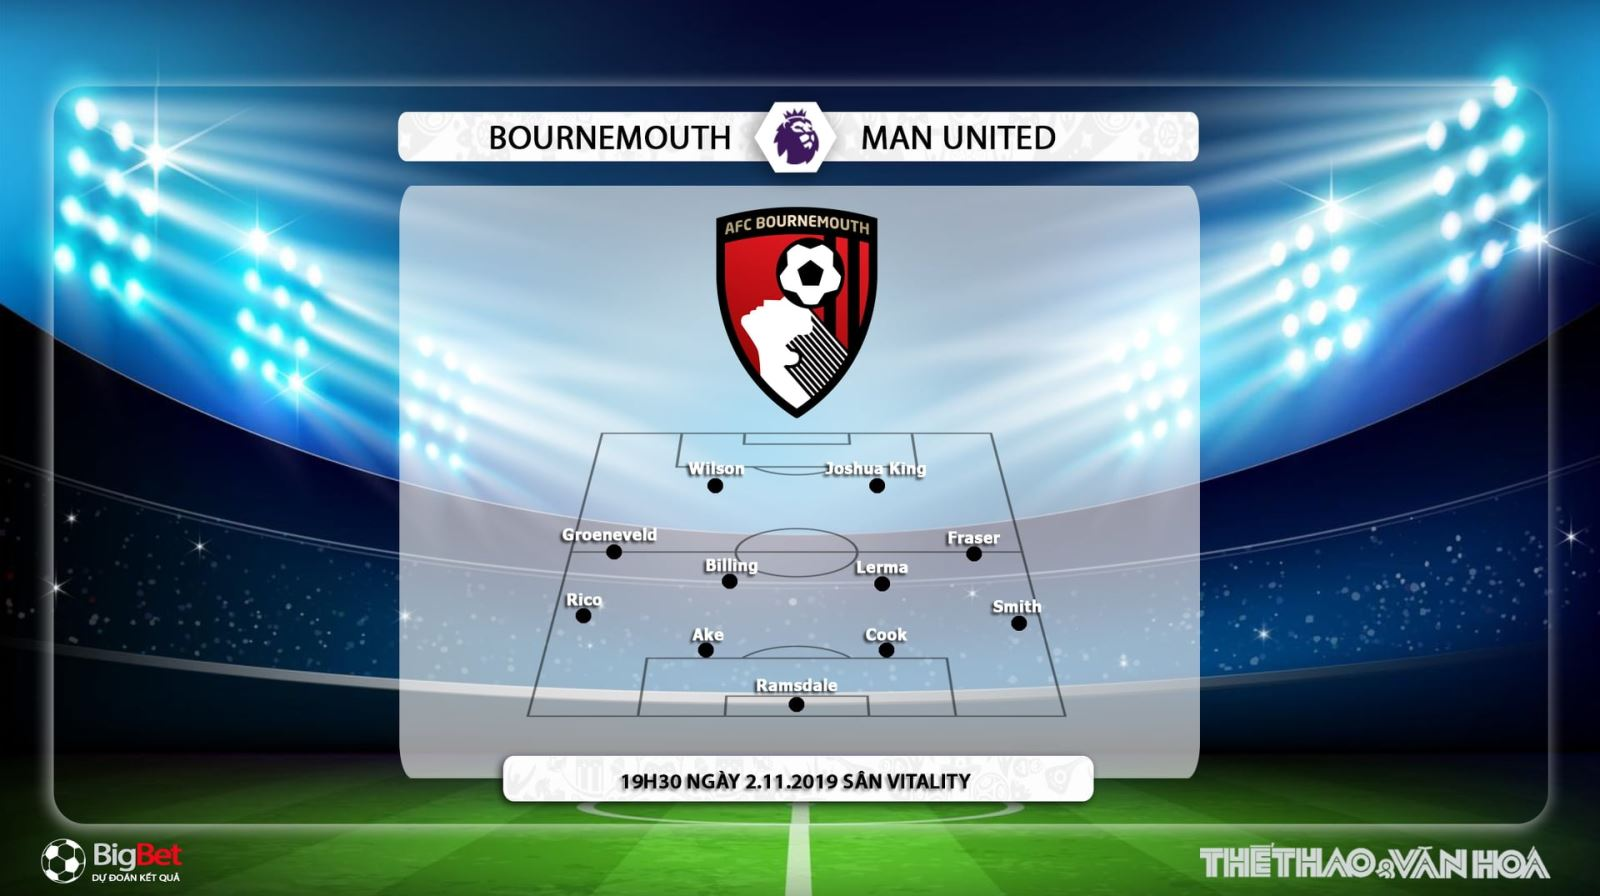 keo bong da, Bournemouth đấu với Man Utd, kèo MU, truc tiep bong da hom nay, K+, K+PM, trực tiếp bóng đá, MU vs Bournemouth, xem bong da truc tiep, xem bóng đá trực tuyến